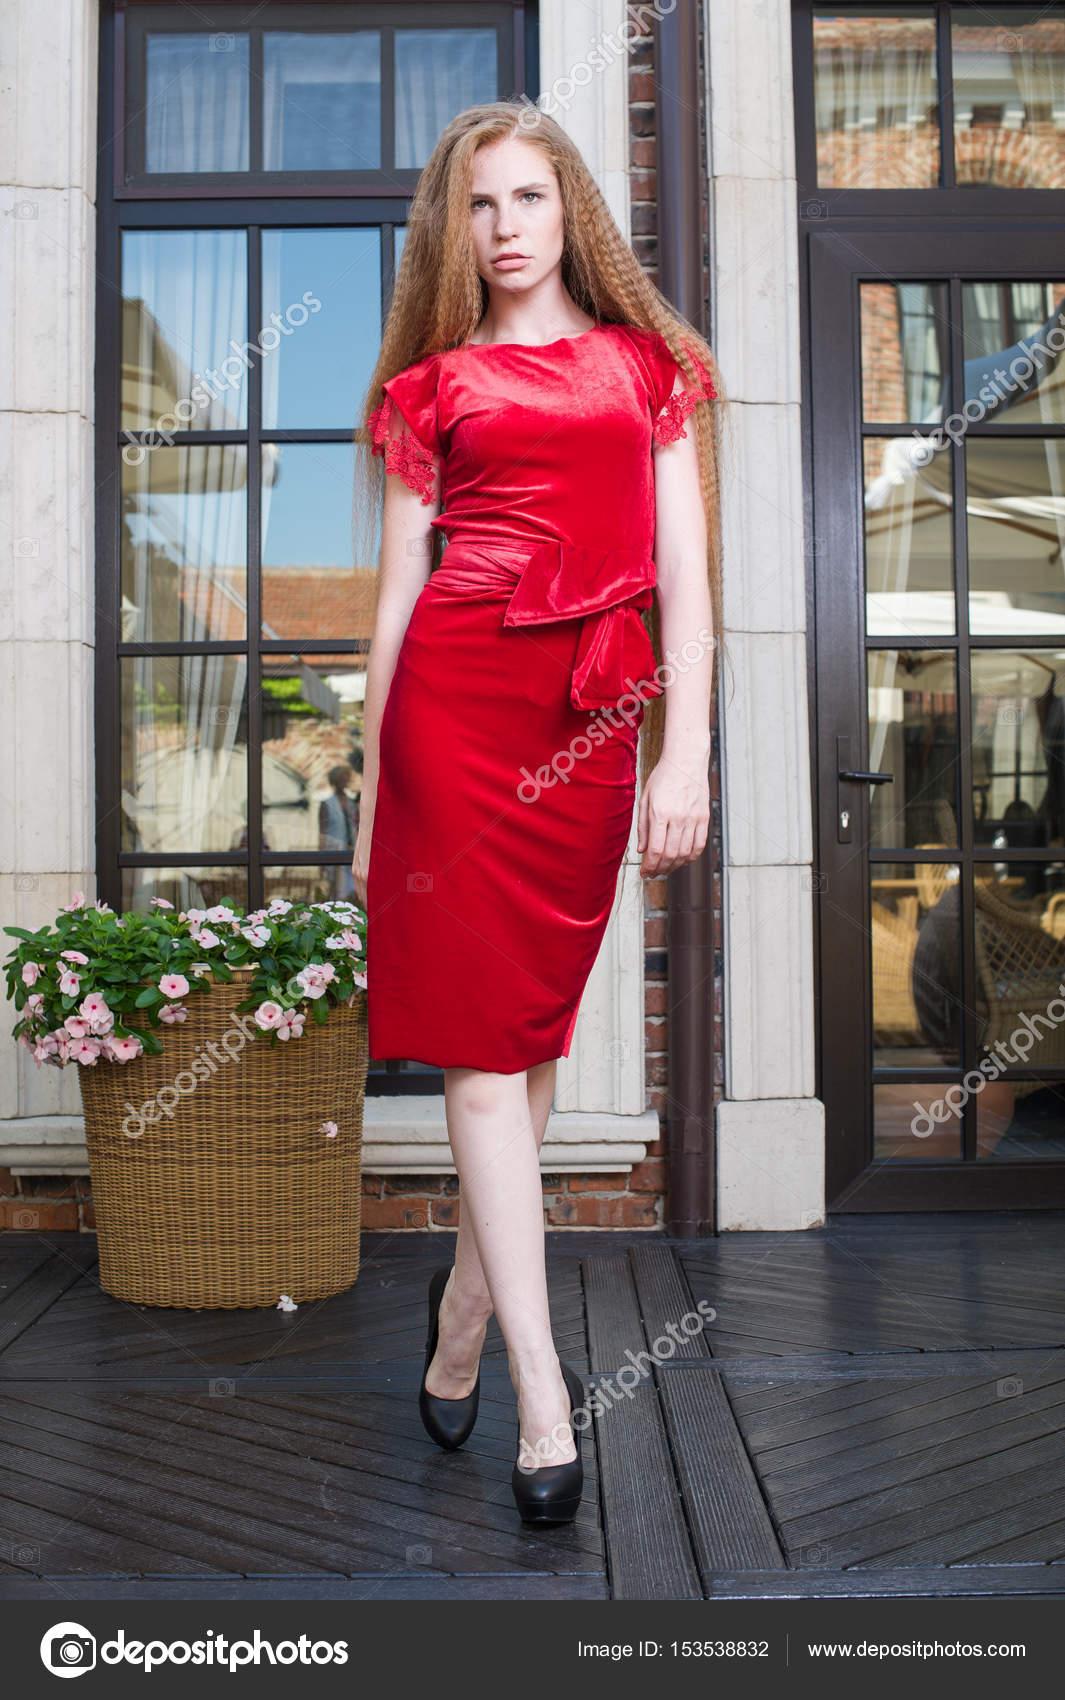 Das Mädchen im roten Kleid — Stockfoto © lanarus-foto #153538832